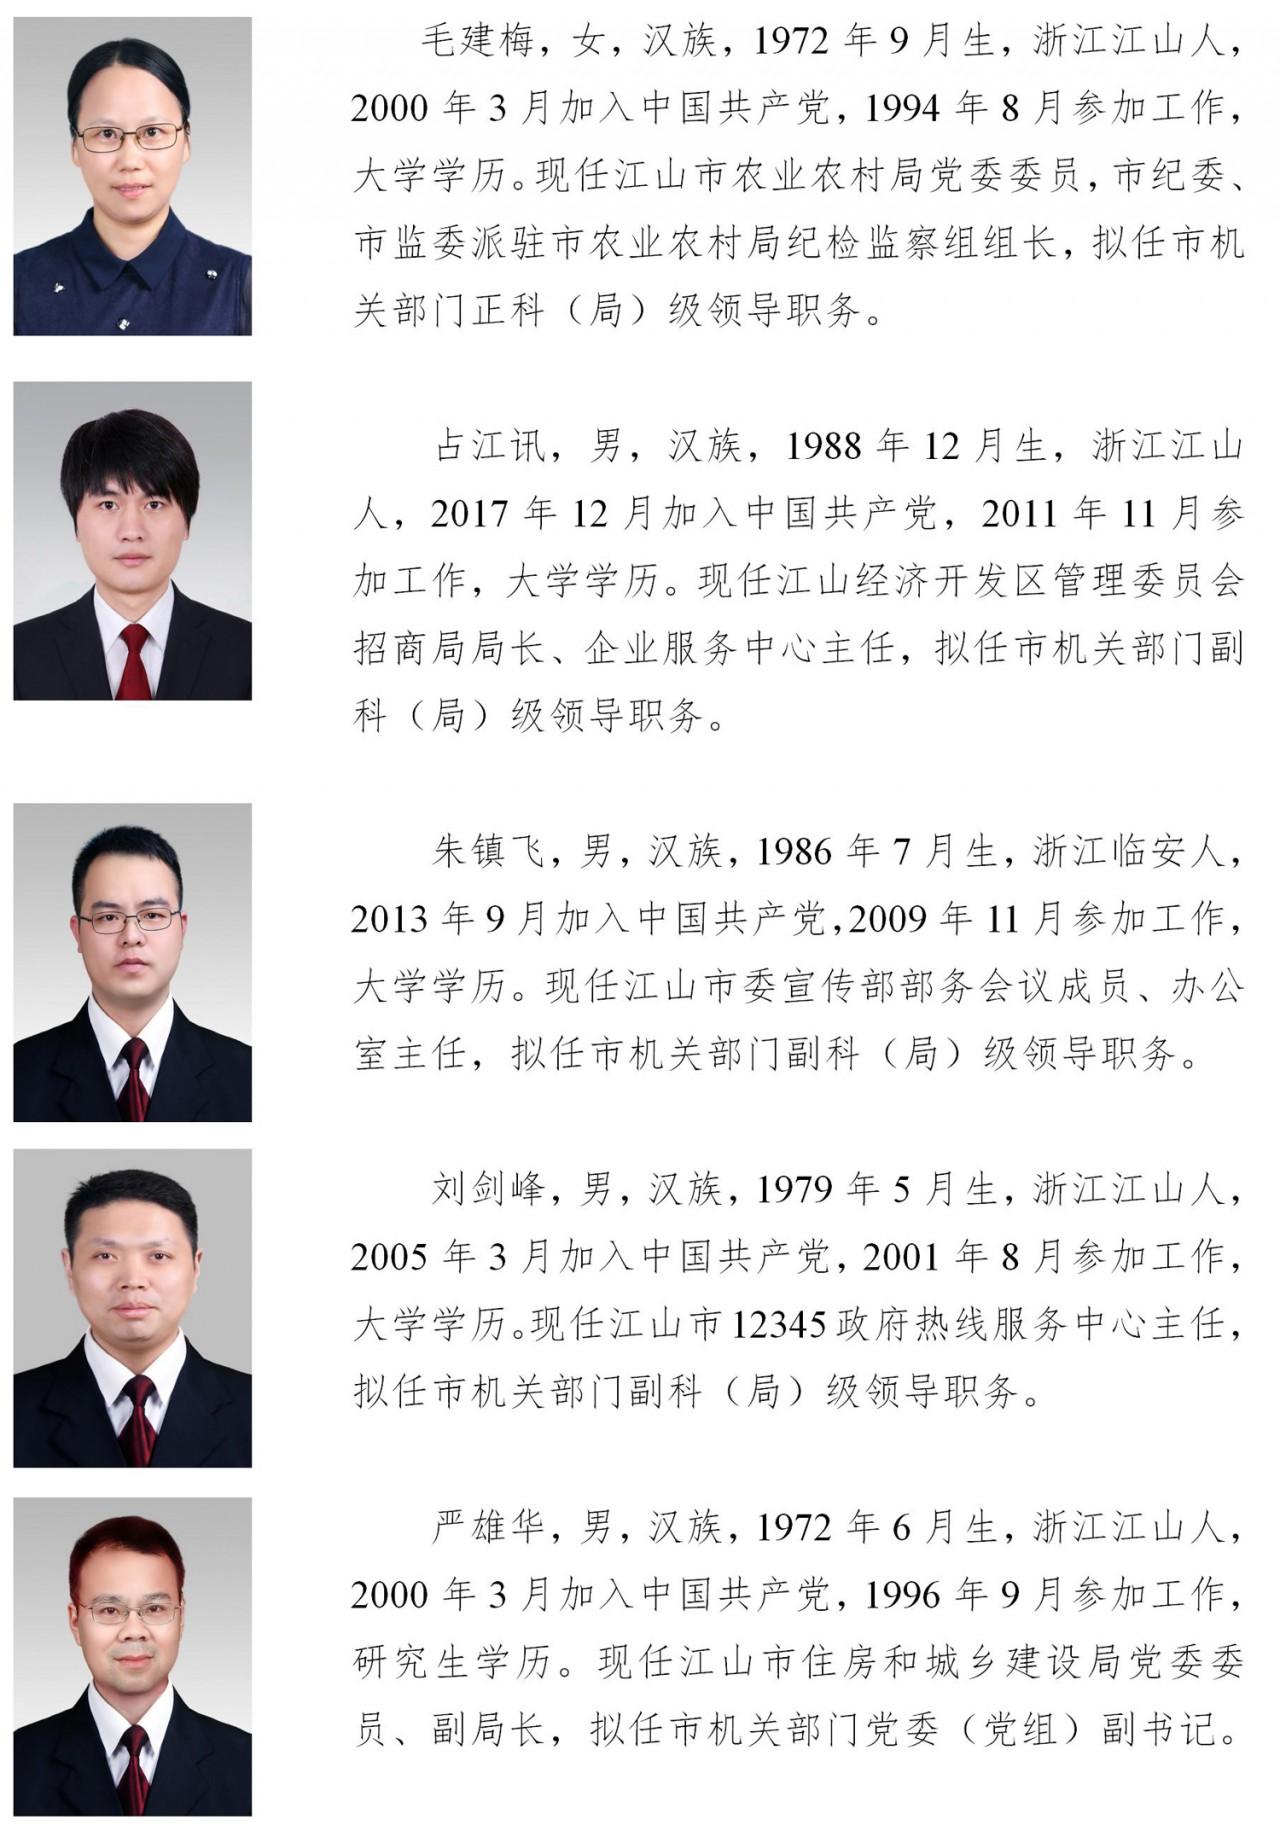 江山市領導干部任前公示通-02.jpg